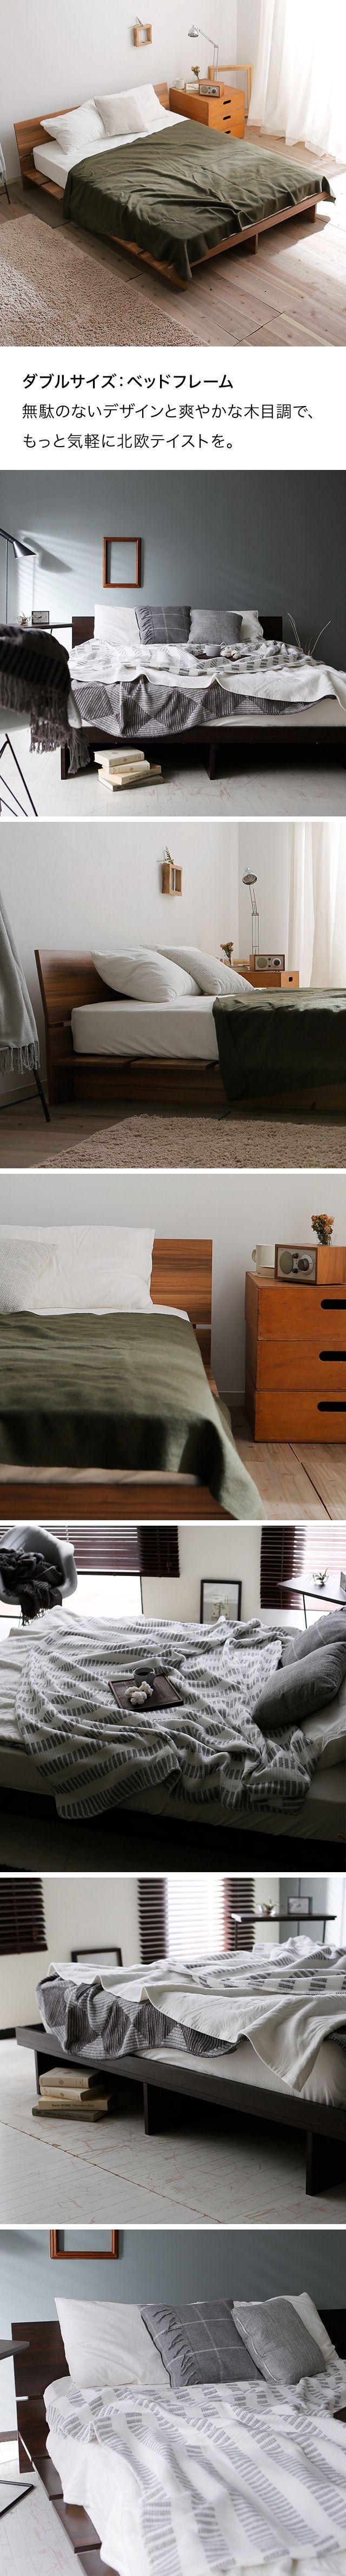 ベッド ベッドフレーム ロータイプ。ベッド ベッドフレーム ロータイプ すのこベッド マットレス対応 ダブル モダン ダブルベッド フレーム